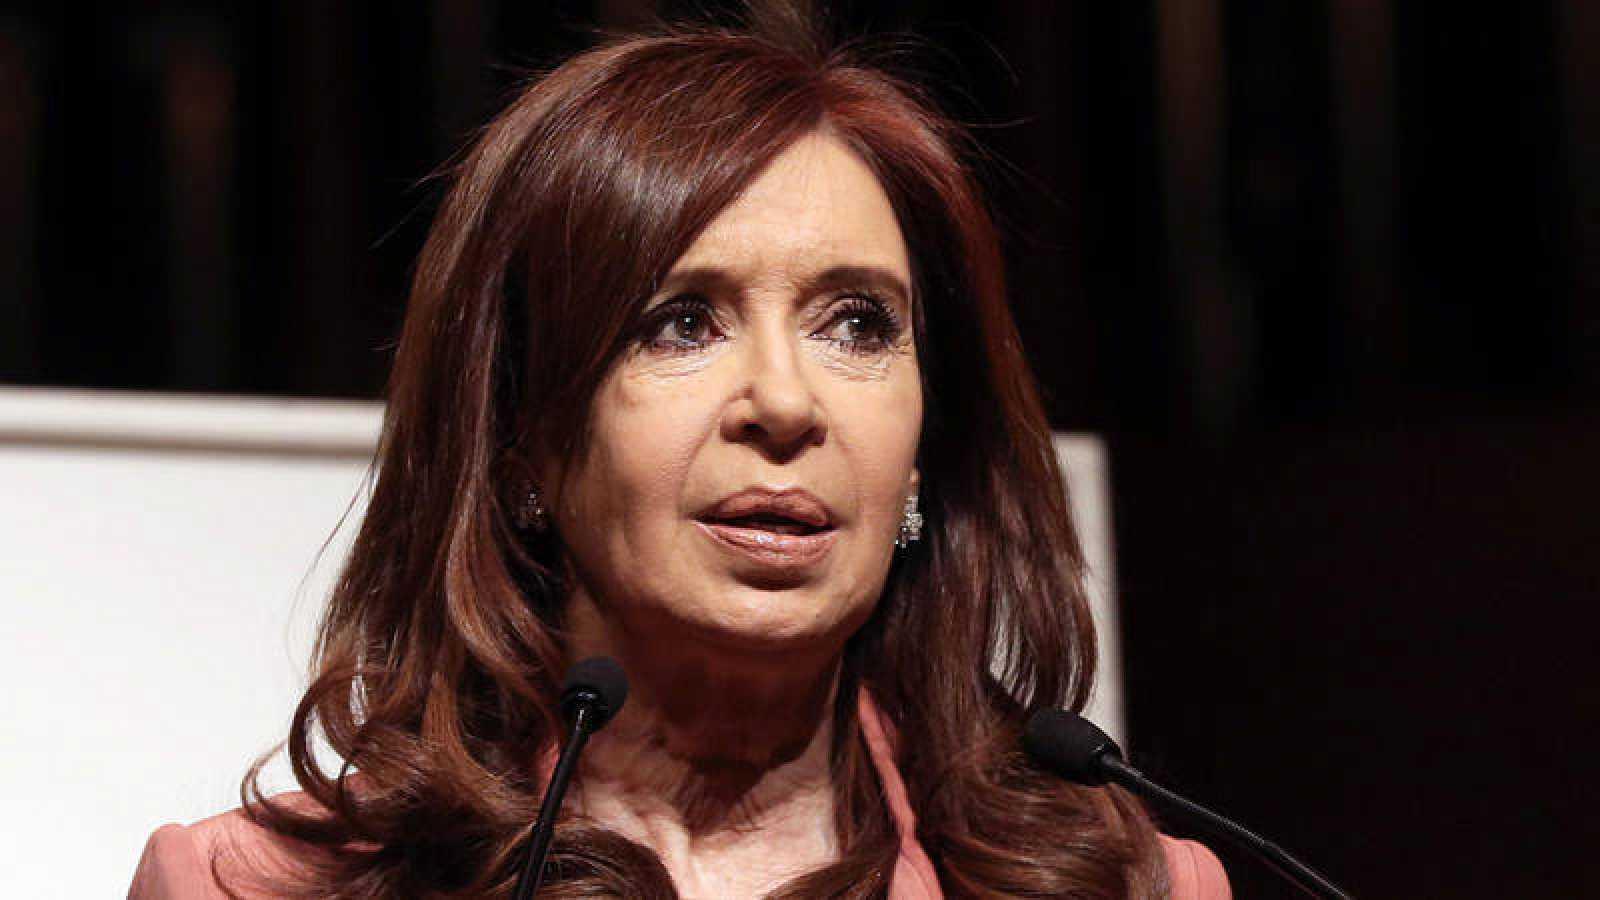 La expresidenta Cristina Fernández ofrece un discurso en el Salón de Conciertos de Atenas (Grecia)